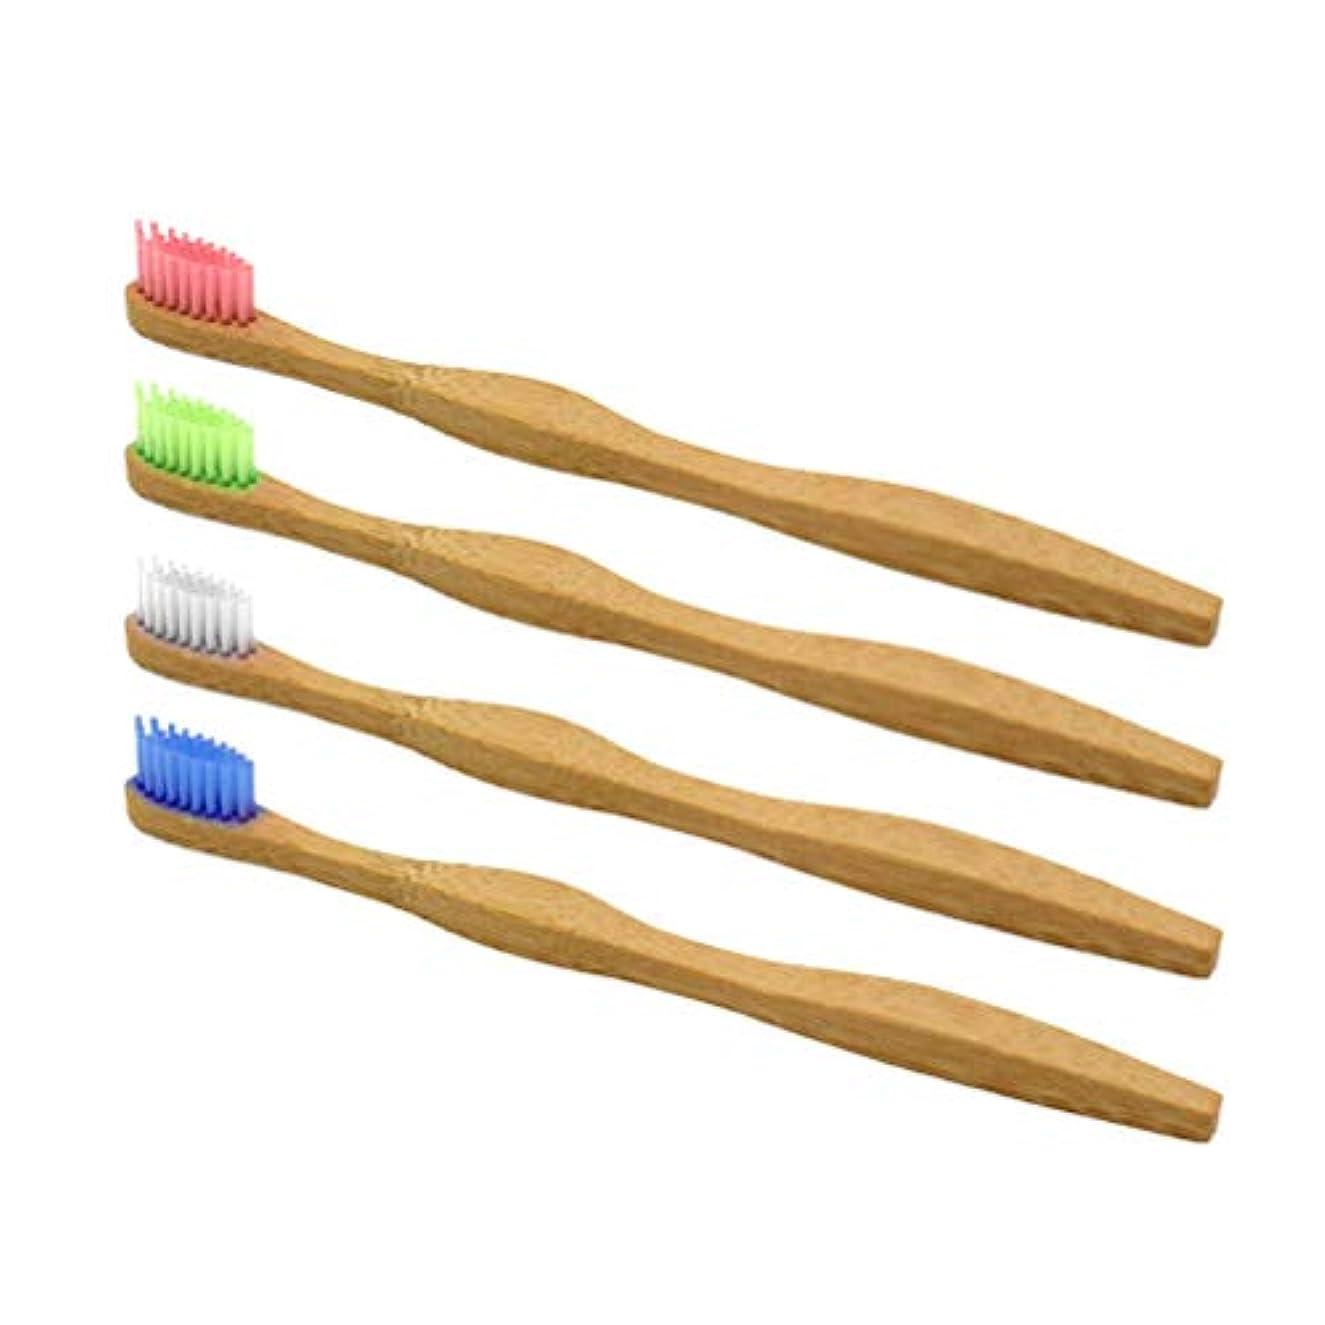 舗装するガソリン加速するHealifty 家庭用旅行のためのソフト歯ブラシ竹ハンドル歯ブラシ4本